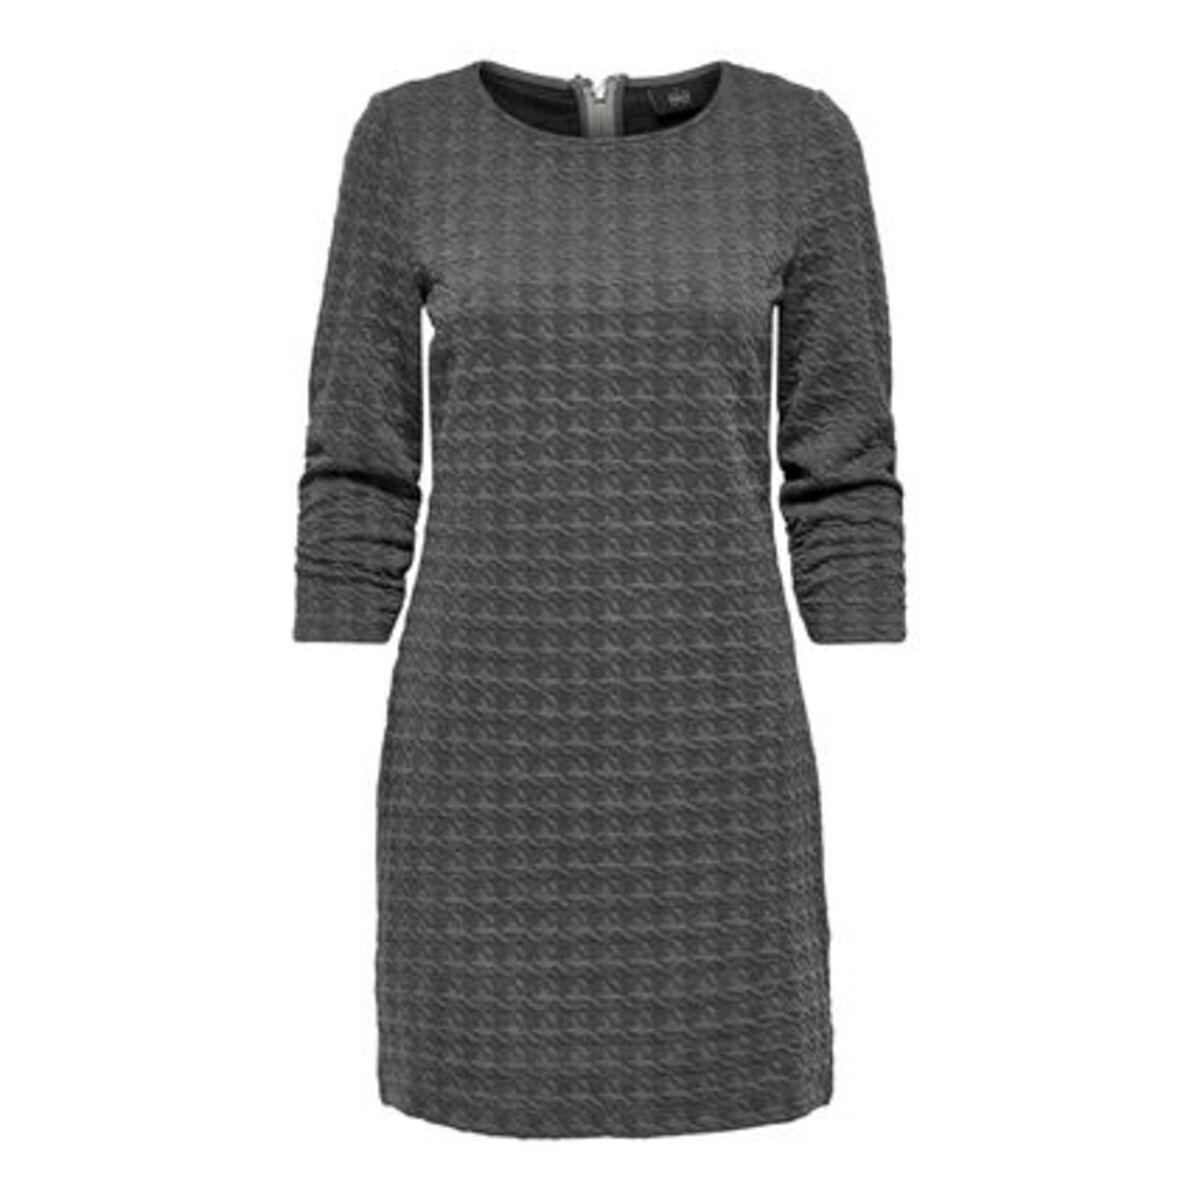 Bild 1 von Only Damen Kleid mit Strukturmuster